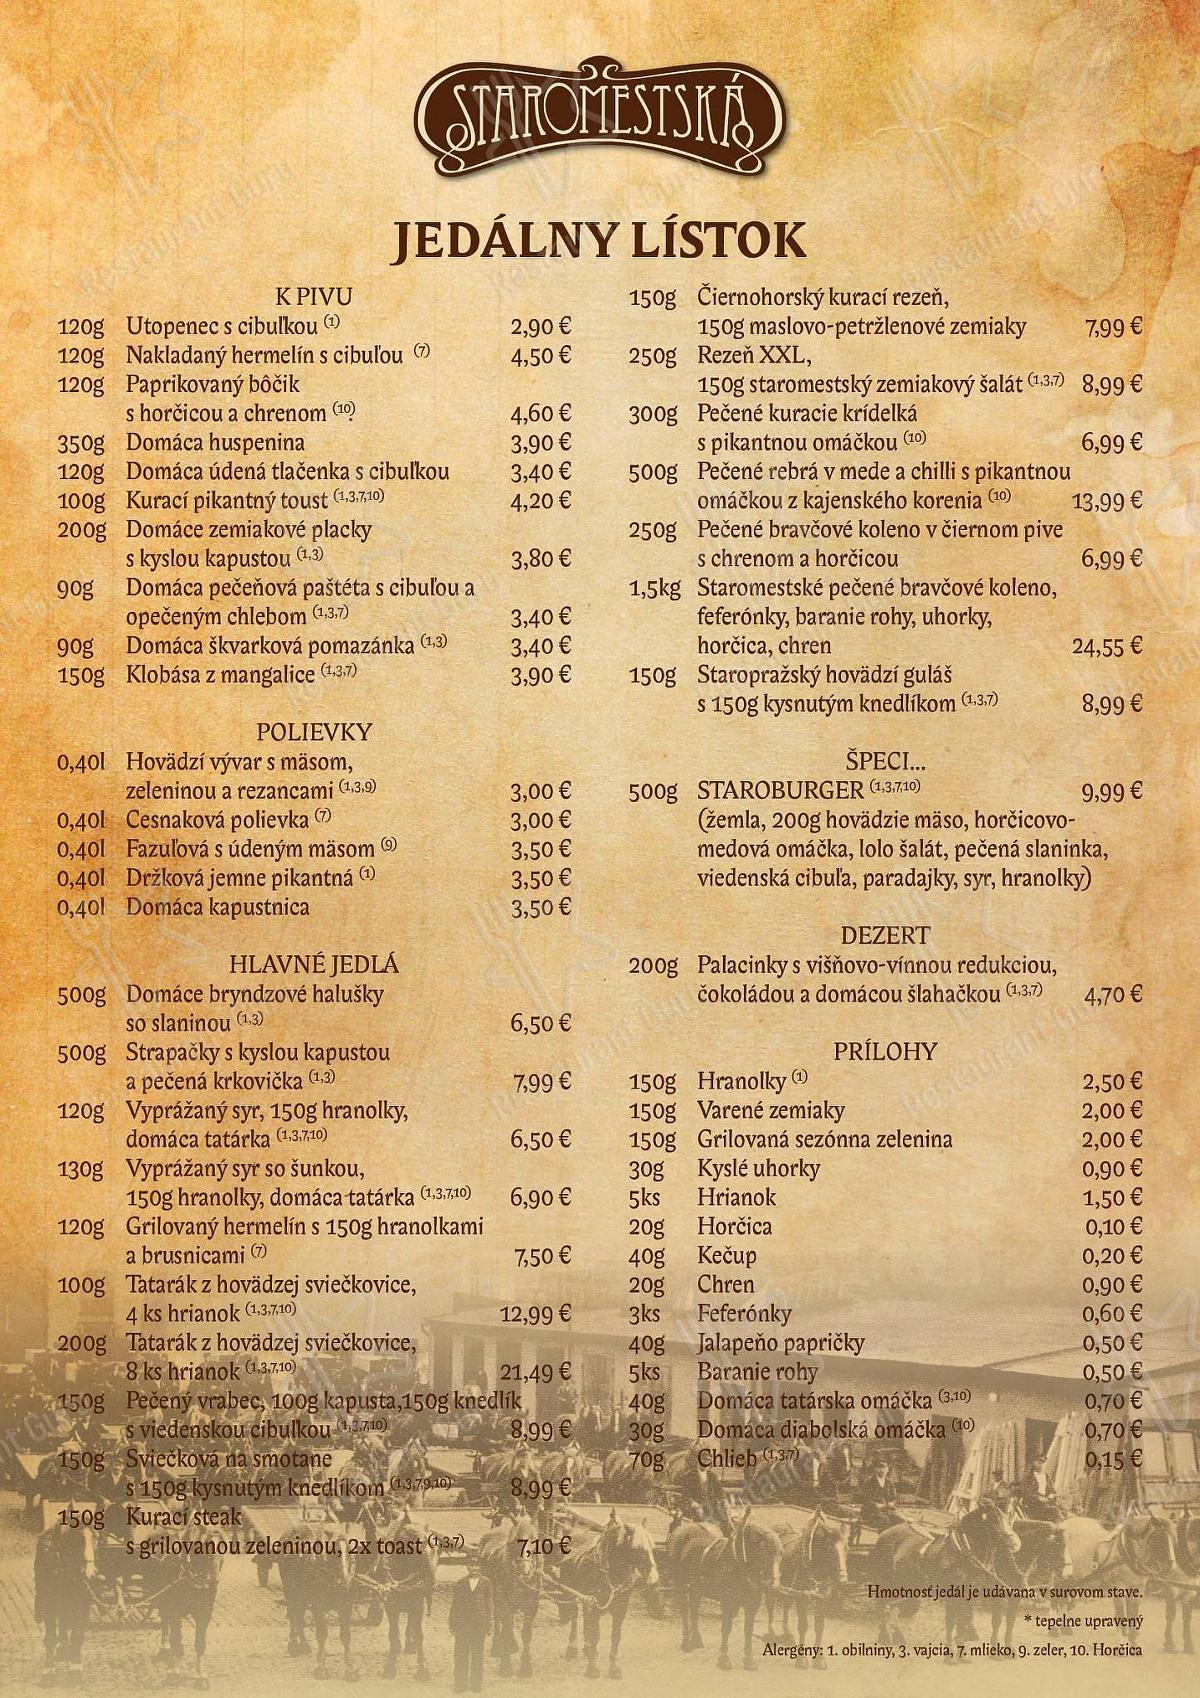 Carta de Staromestská Piváreň - platos y bebidas